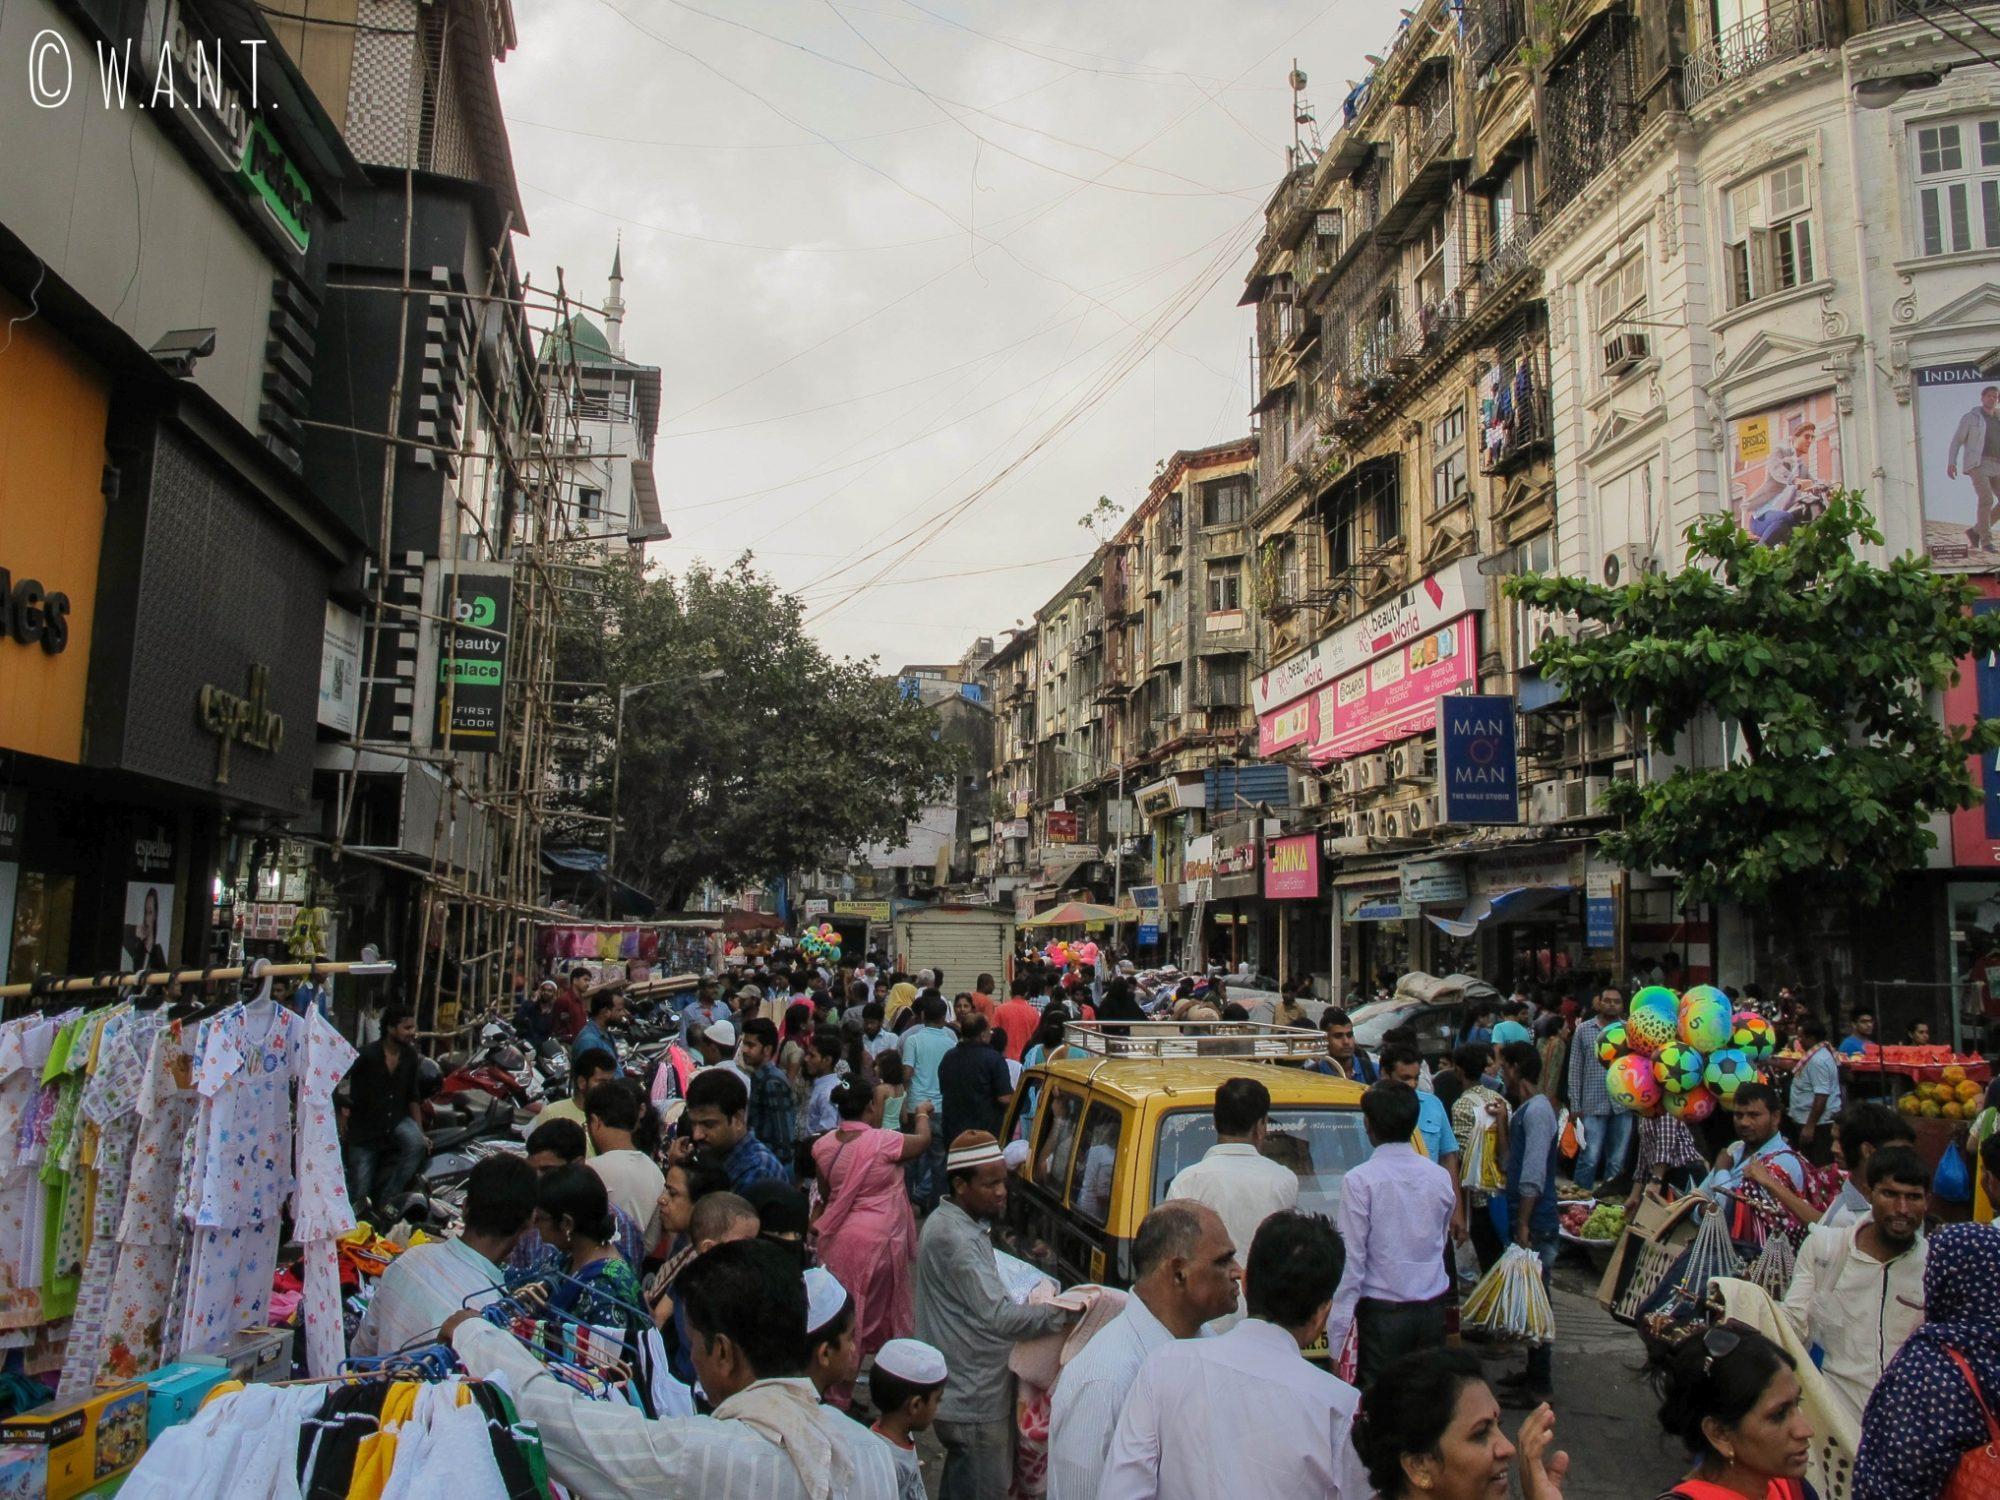 Rue bondée de Mumbai, les véhicules essayent de se frayer un chemin dans la foule